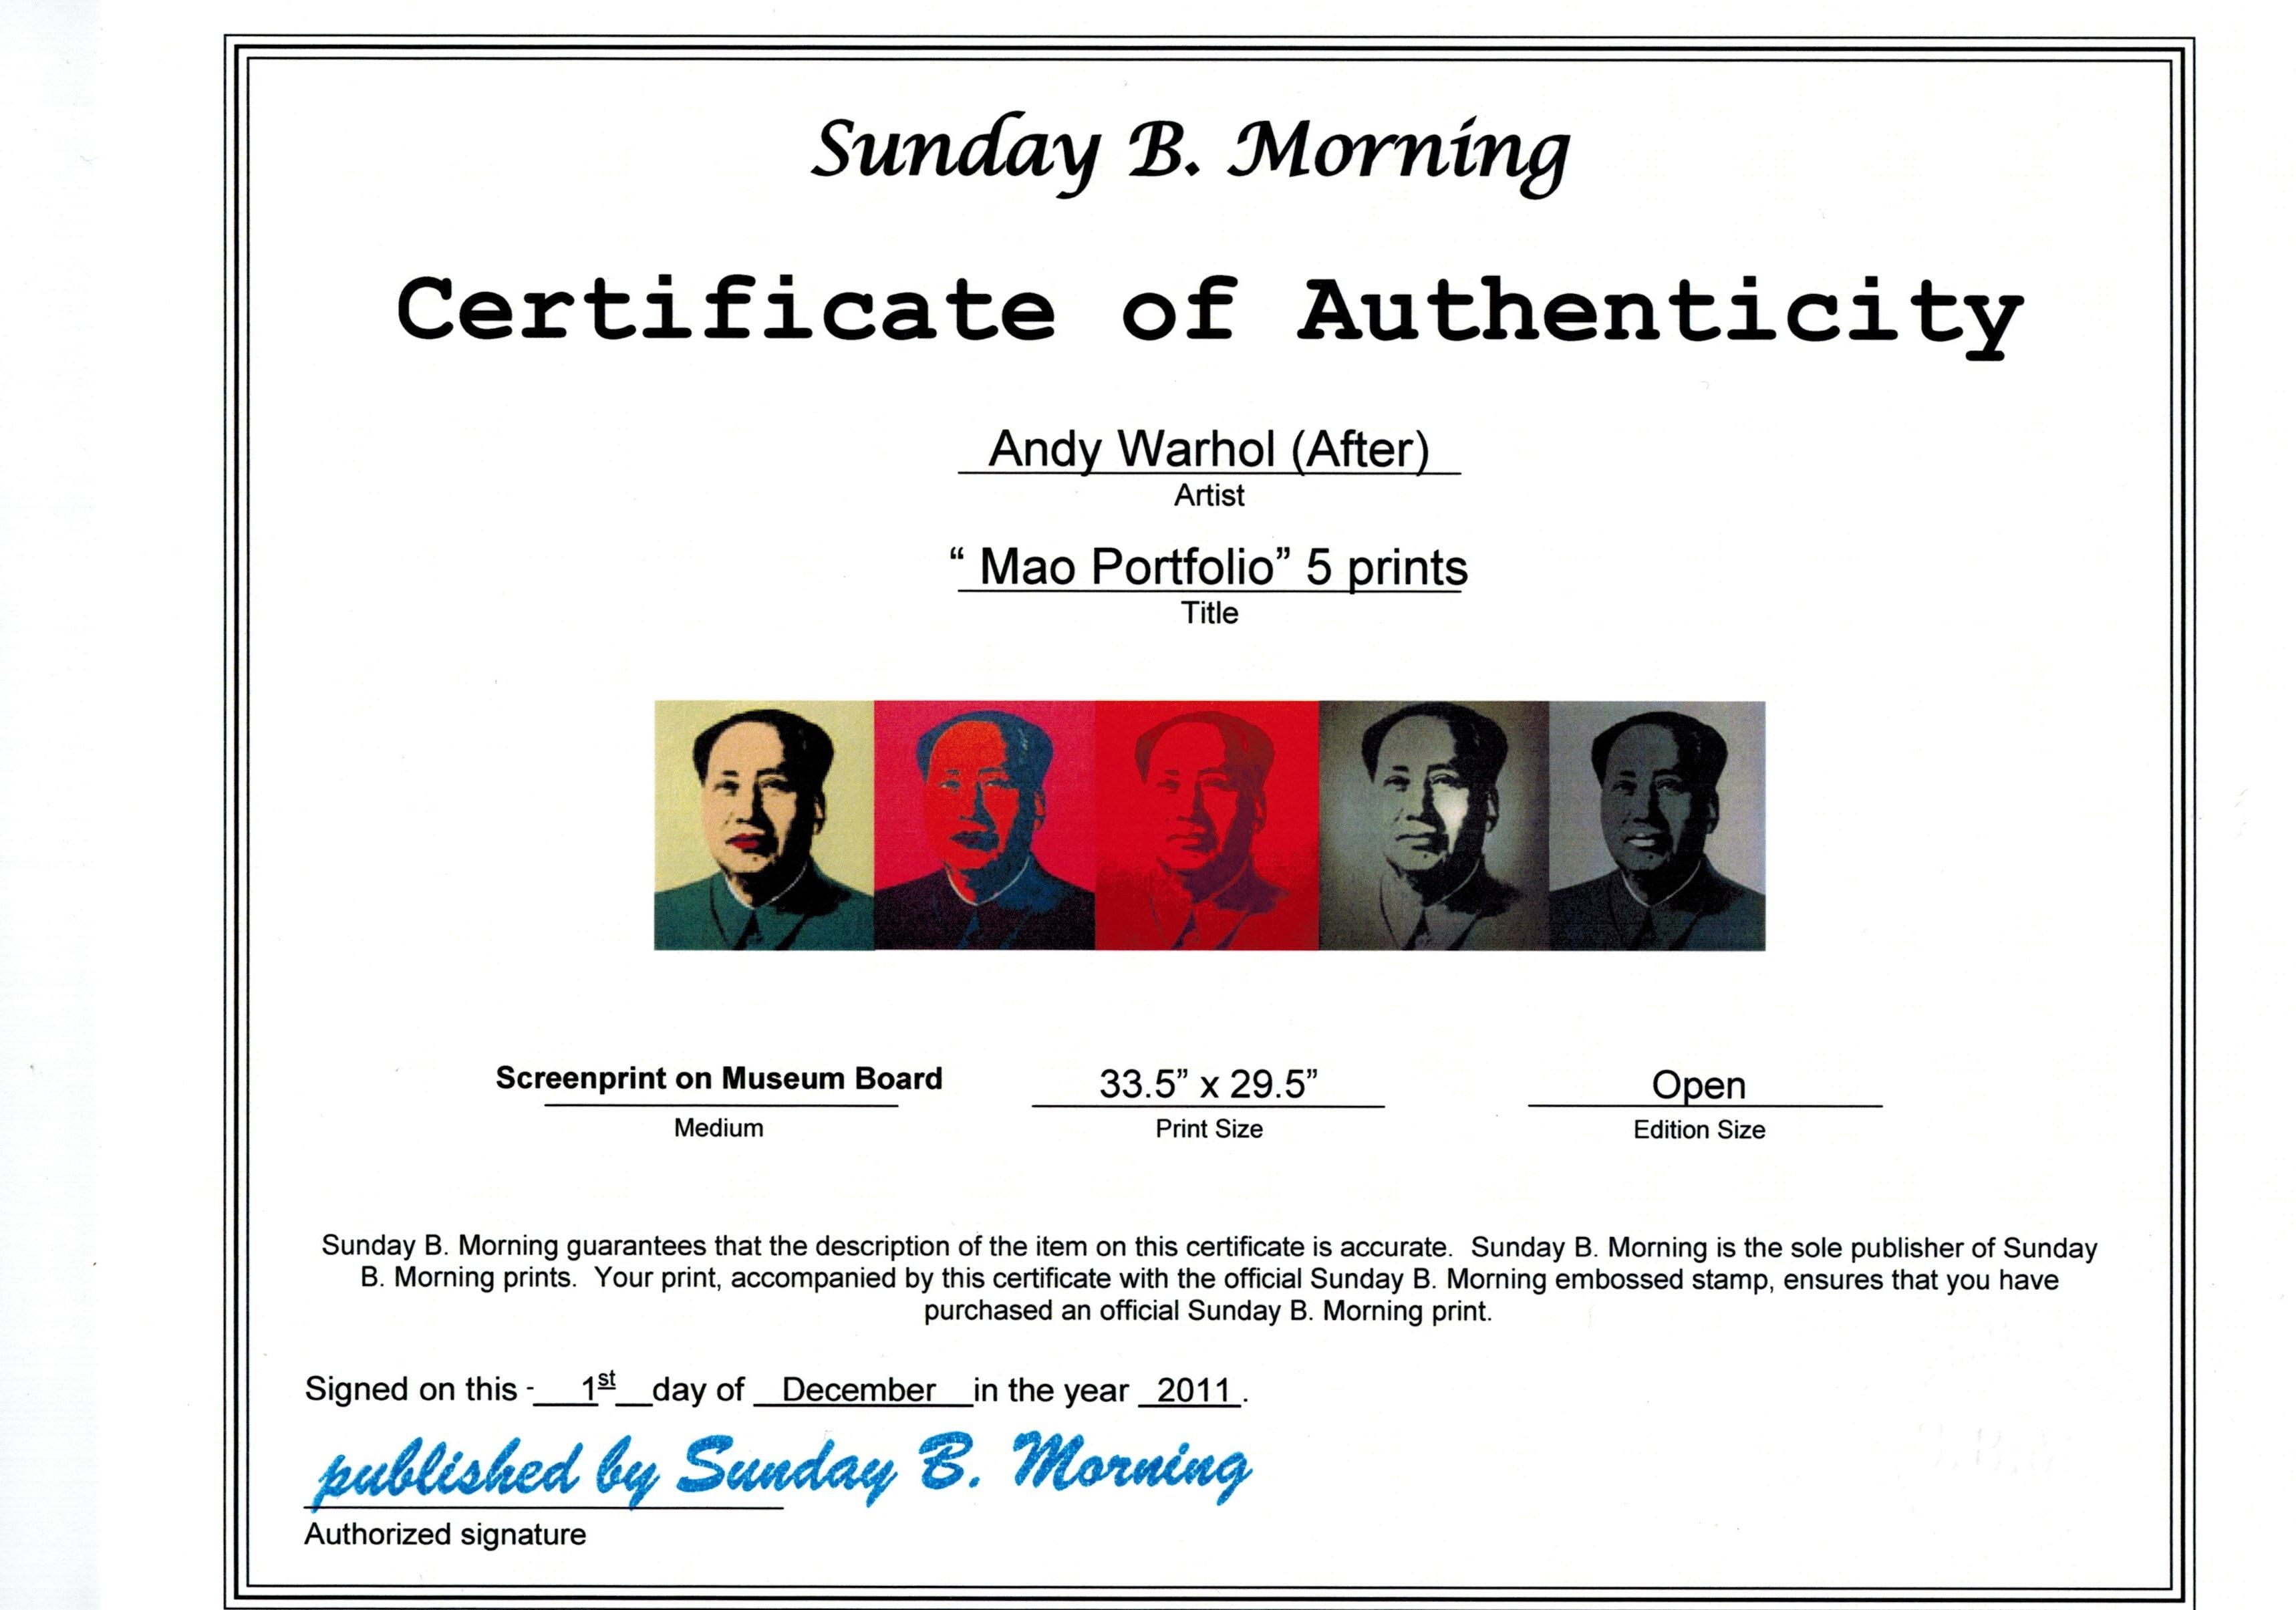 Sunday B Morning マオ(毛沢東) オープン・エディション 各証明書